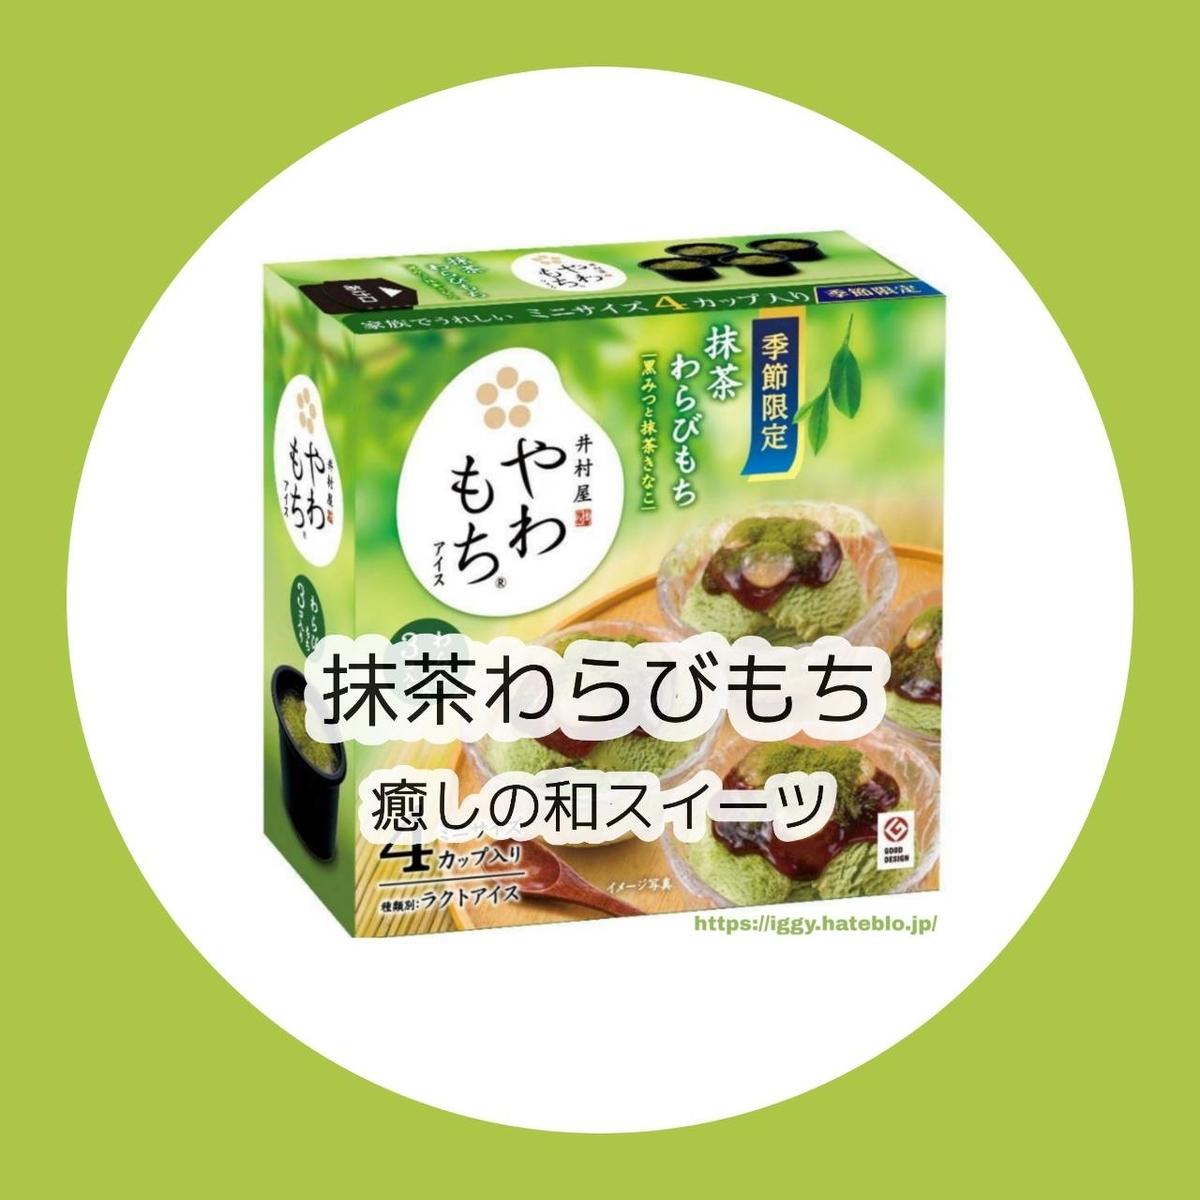 井村屋「やわもちアイス」抹茶わらびもち箱 iggy2019